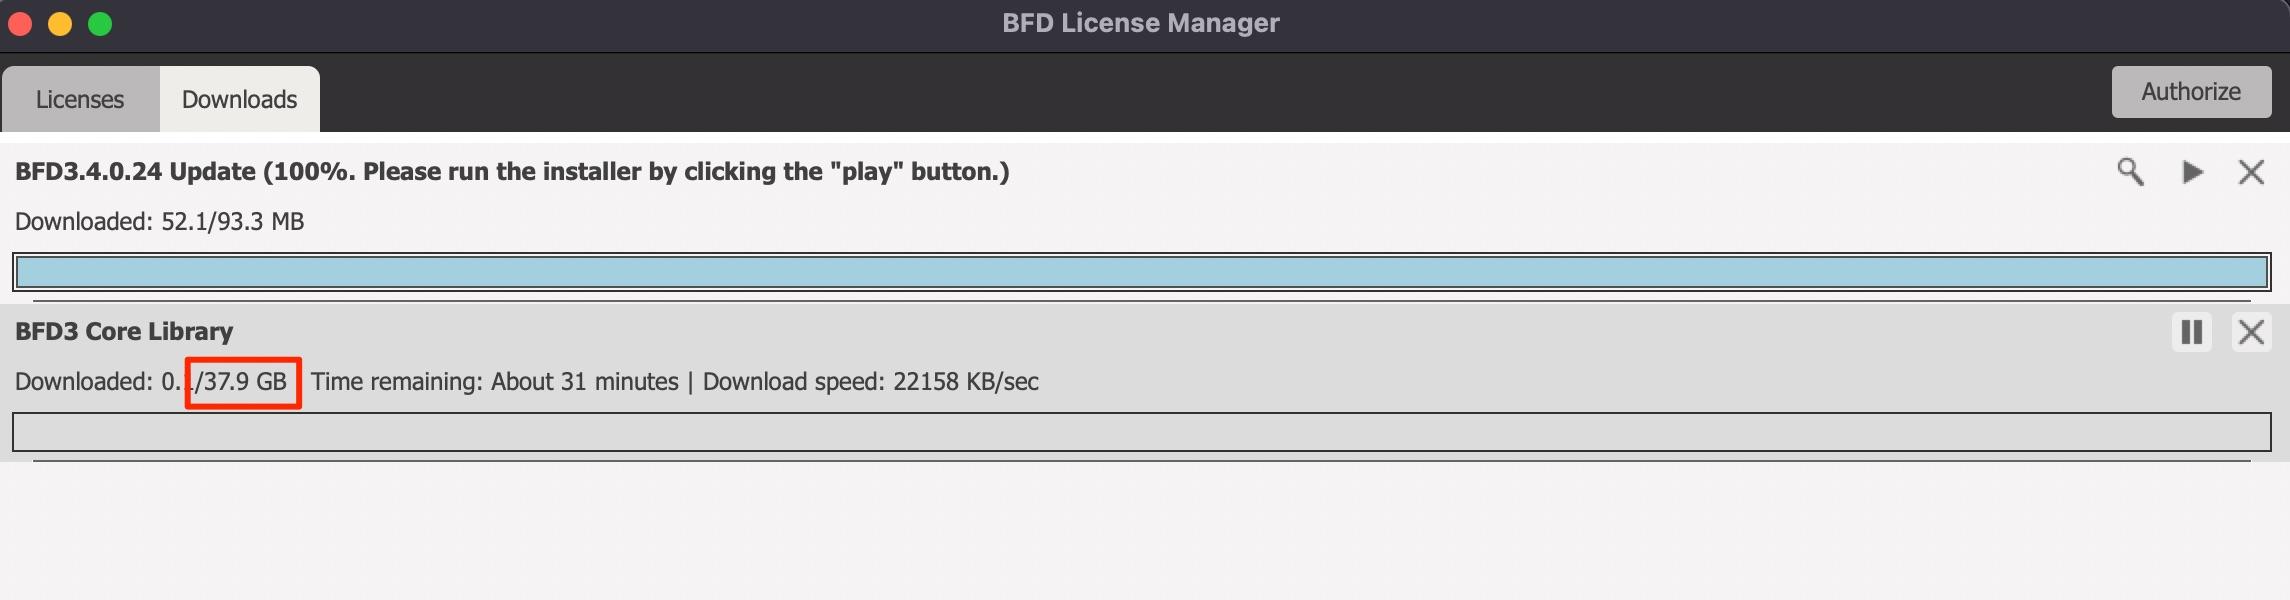 BFD_License_Manager ファイル容量